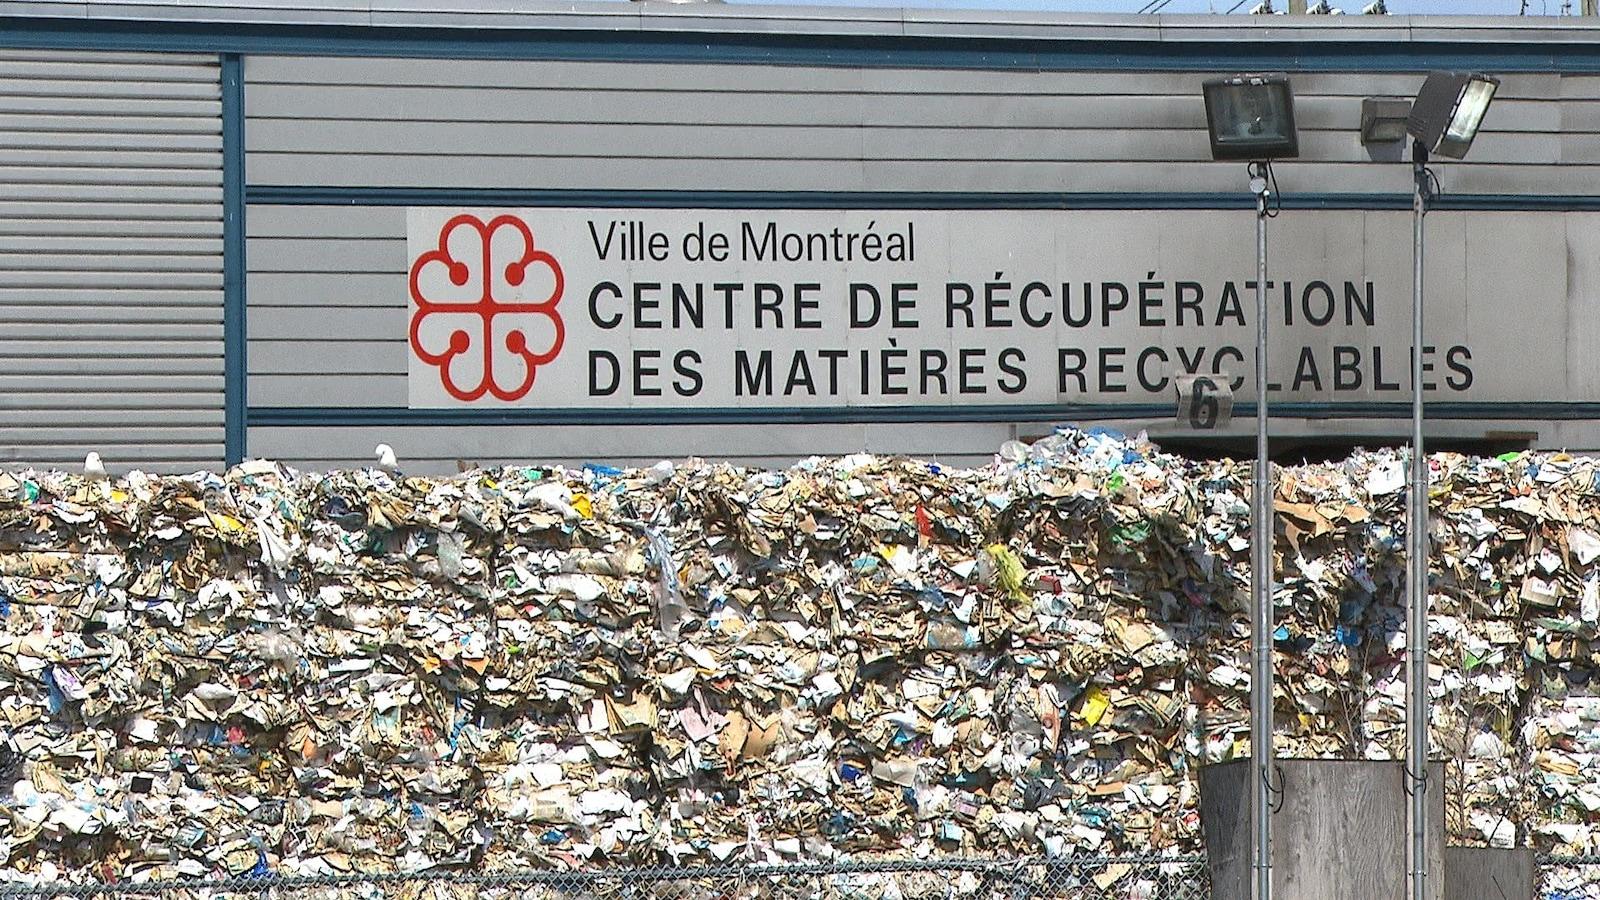 Une montagne de débris devant le mur du bâtiment sur lequel il est écrit: «Ville de Montréal, Centre de récupération des matières recyclables» avec le logo de la Ville de Montréal.